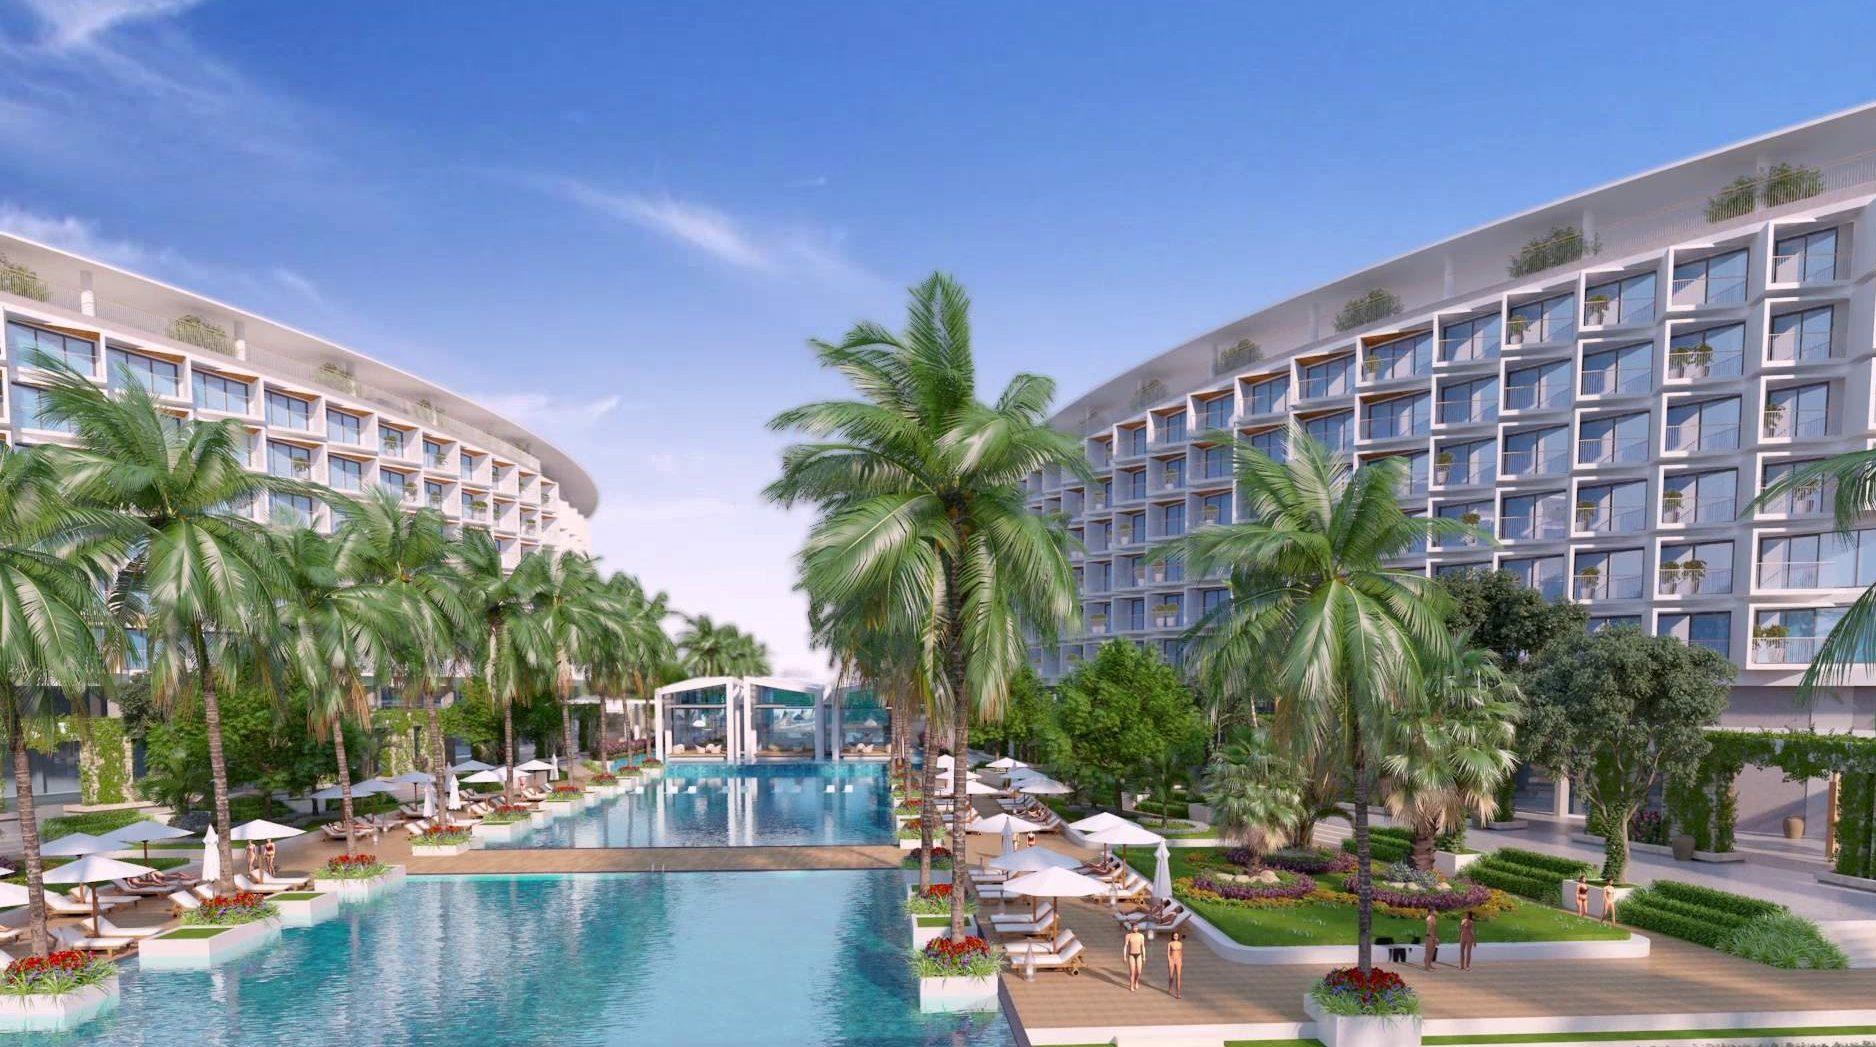 Condotel Grand World Phú Quốc . Đầu tư sinh lời bền vững